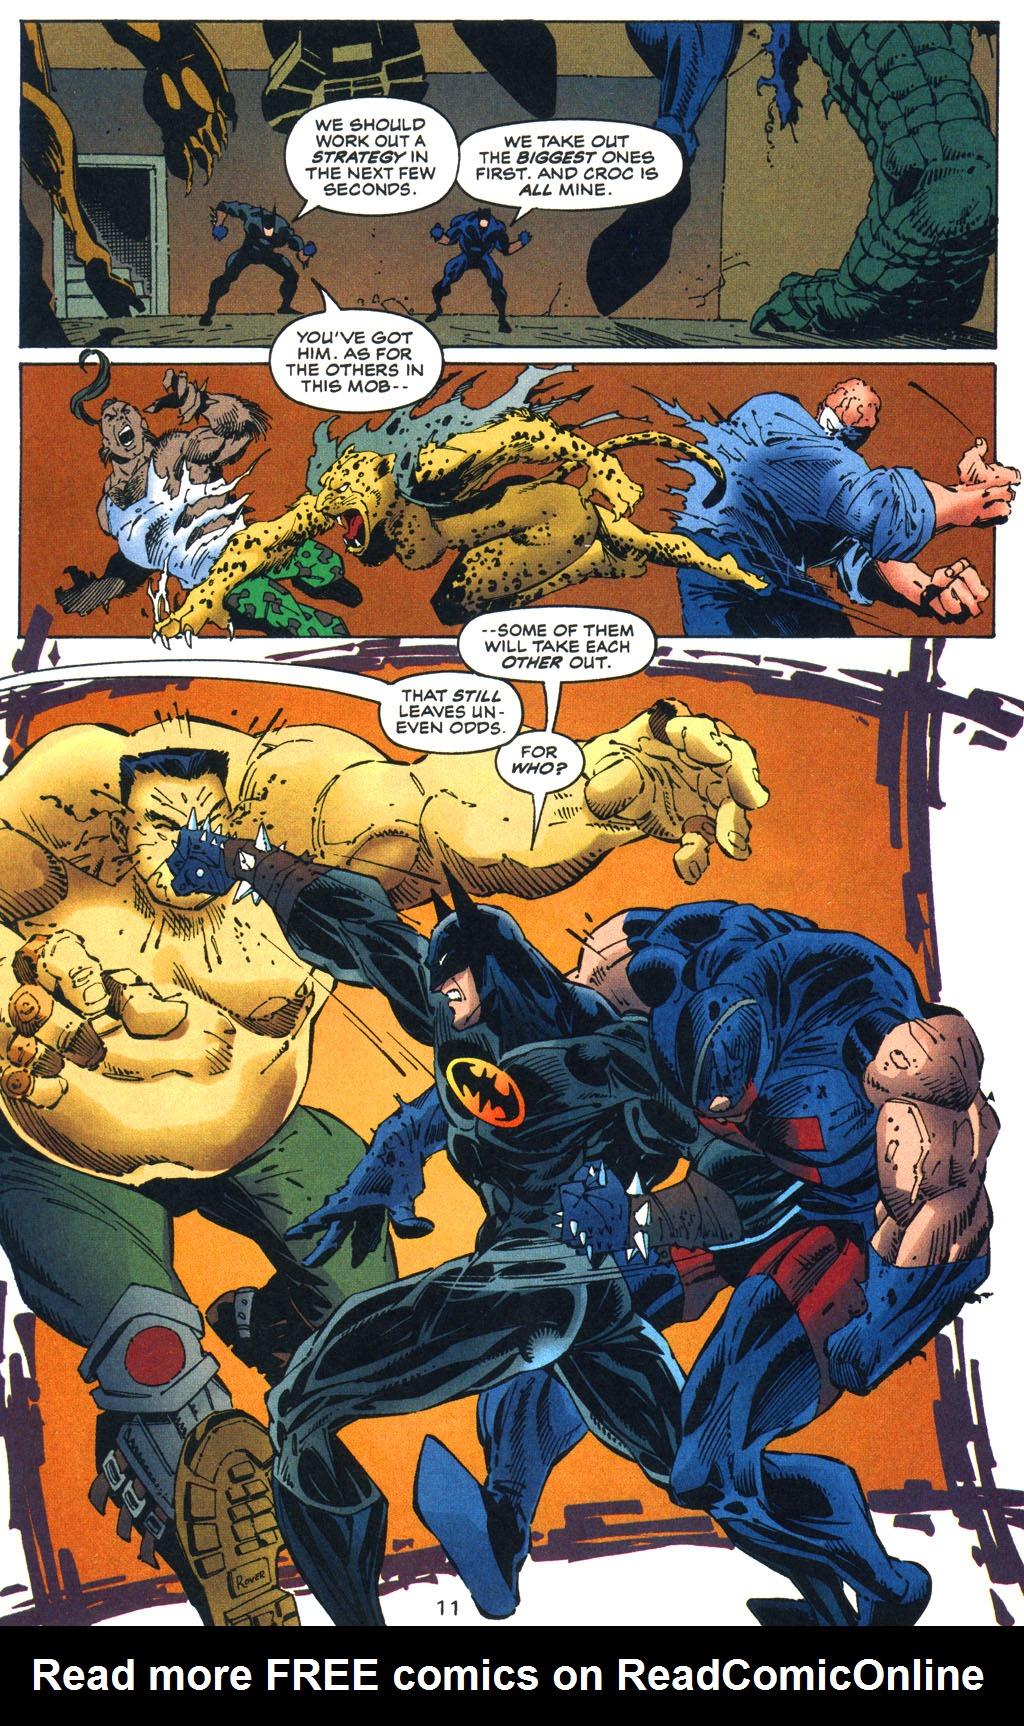 Read online Batman/Wildcat comic -  Issue #3 - 11